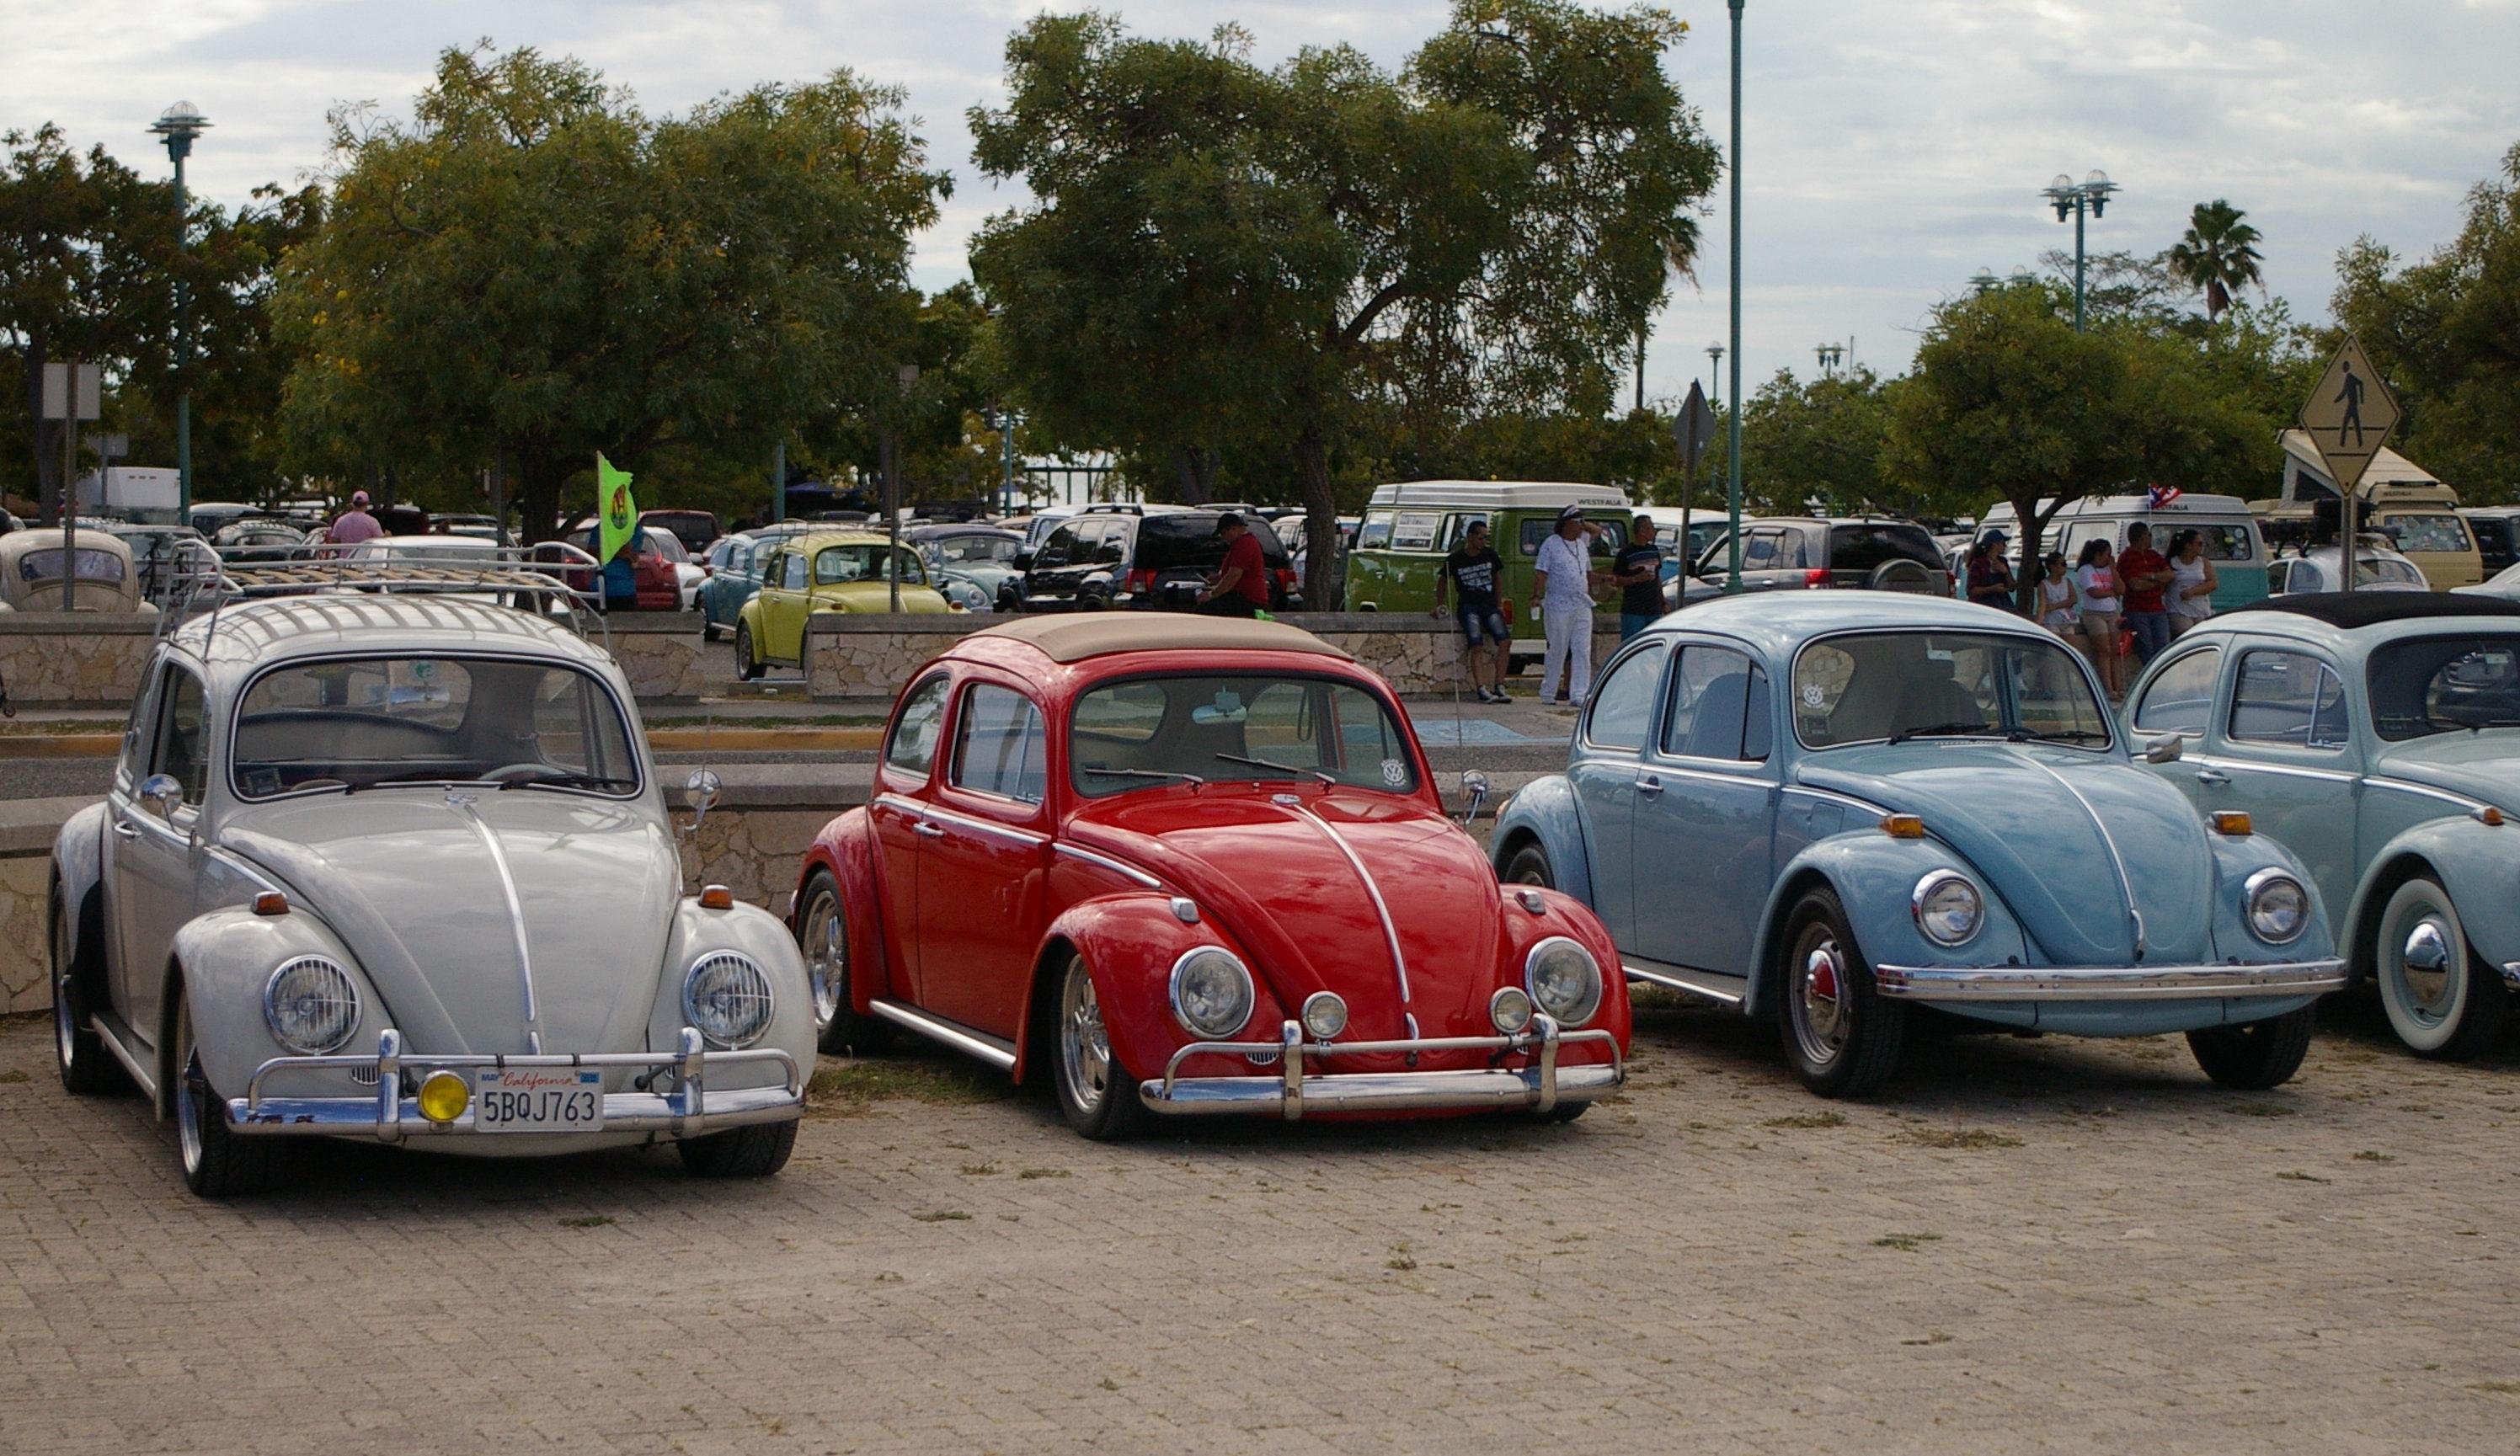 Sobre 60 vehículos de la marca Volkswagen formarán parte de la exhibición